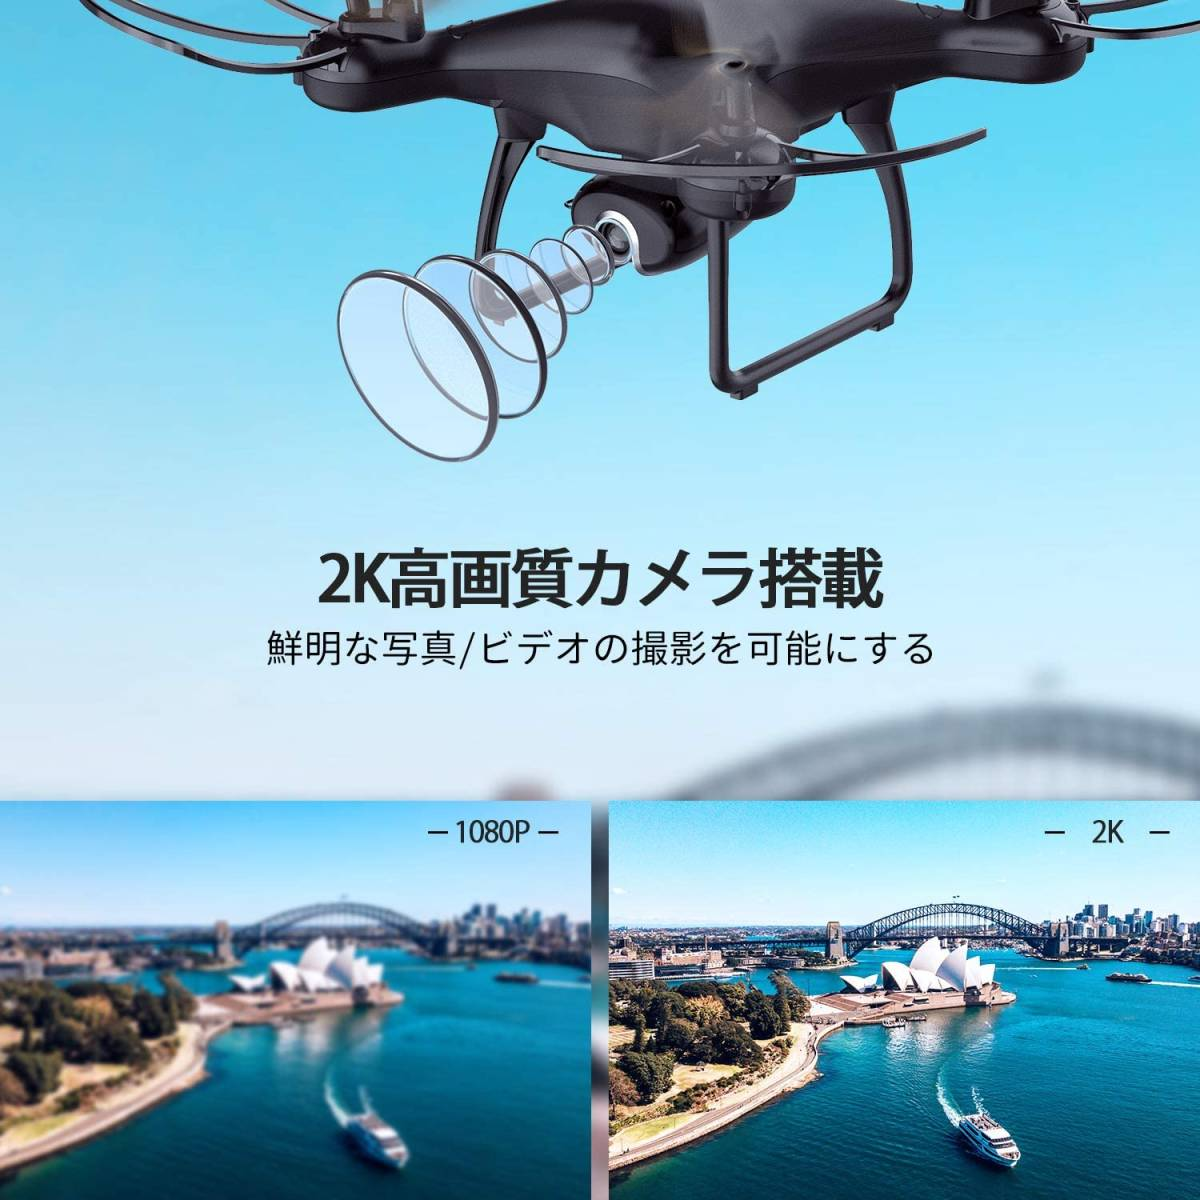 ドローン カメラ付き 2K HD 120°広角カメラ 最大24分飛行時間 WIFI FPVリアルタイム伝送 高速回転ホバー機能 国内認証済